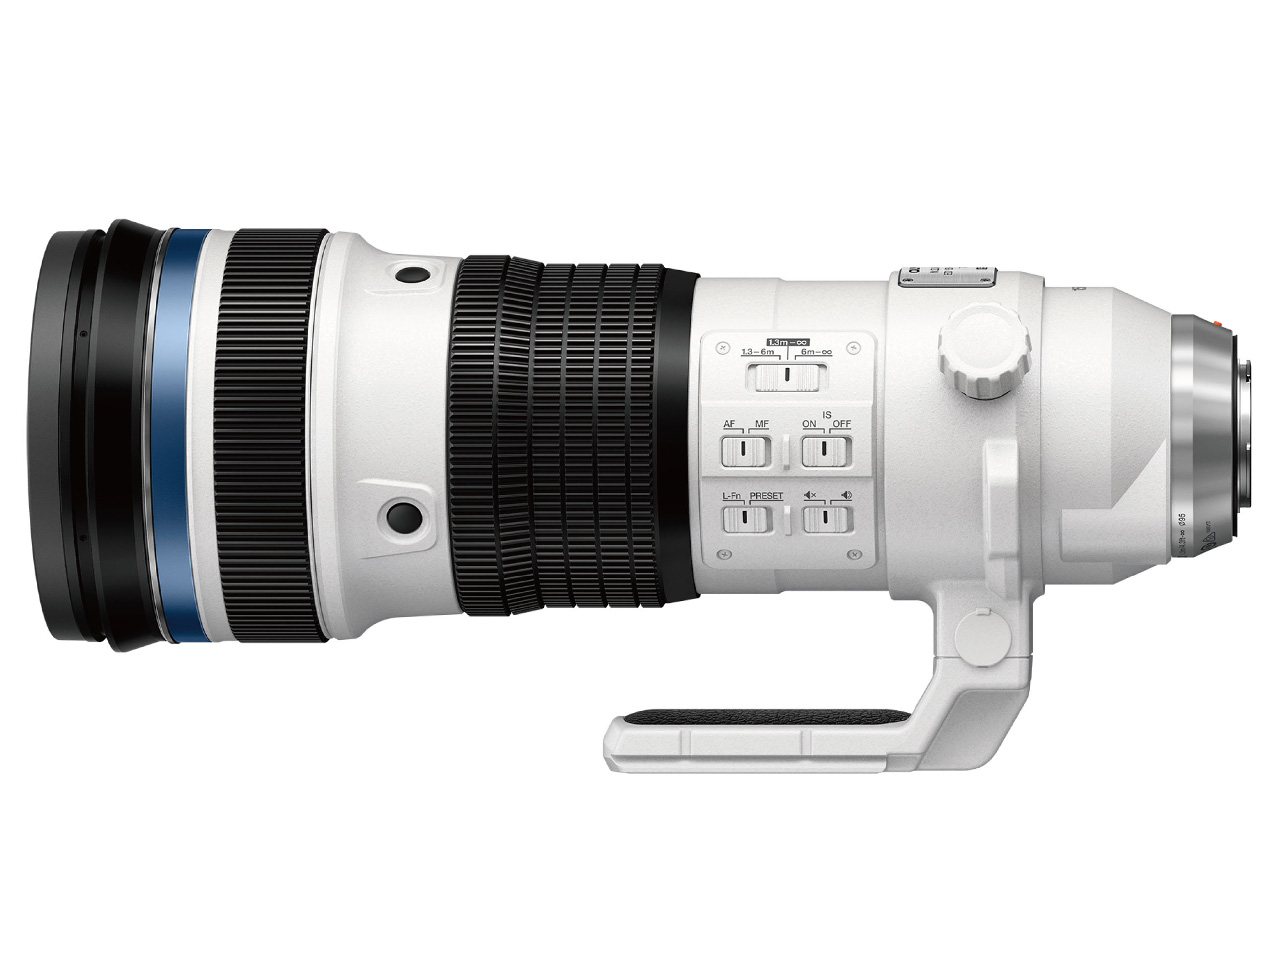 M.ZUIKO DIGITAL ED 150-400mm F4.5 TC1.25x IS PRO の製品画像